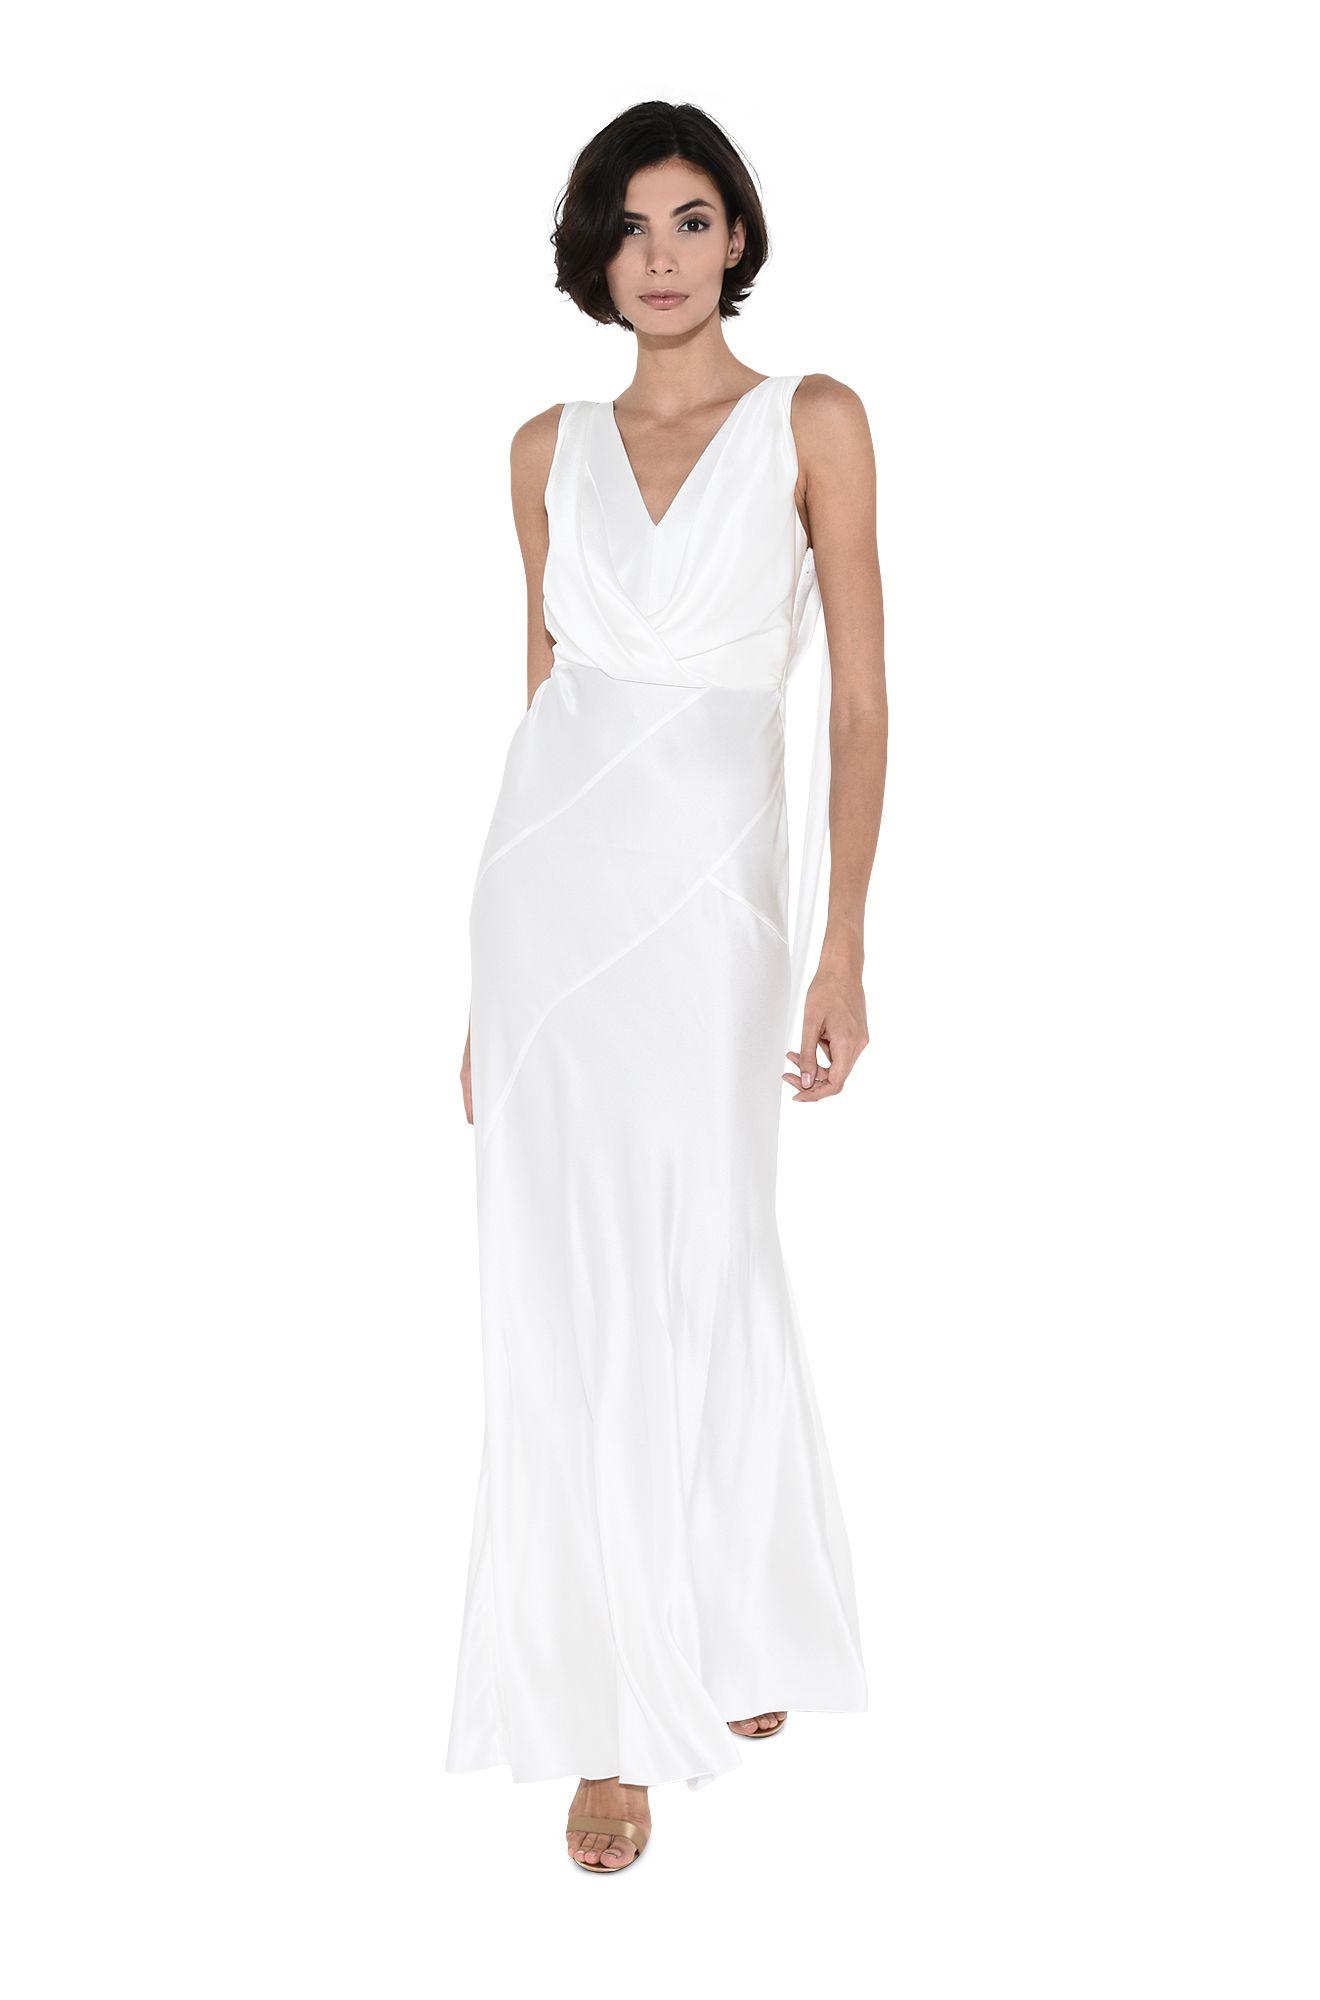 DIVA WHITE DRESS